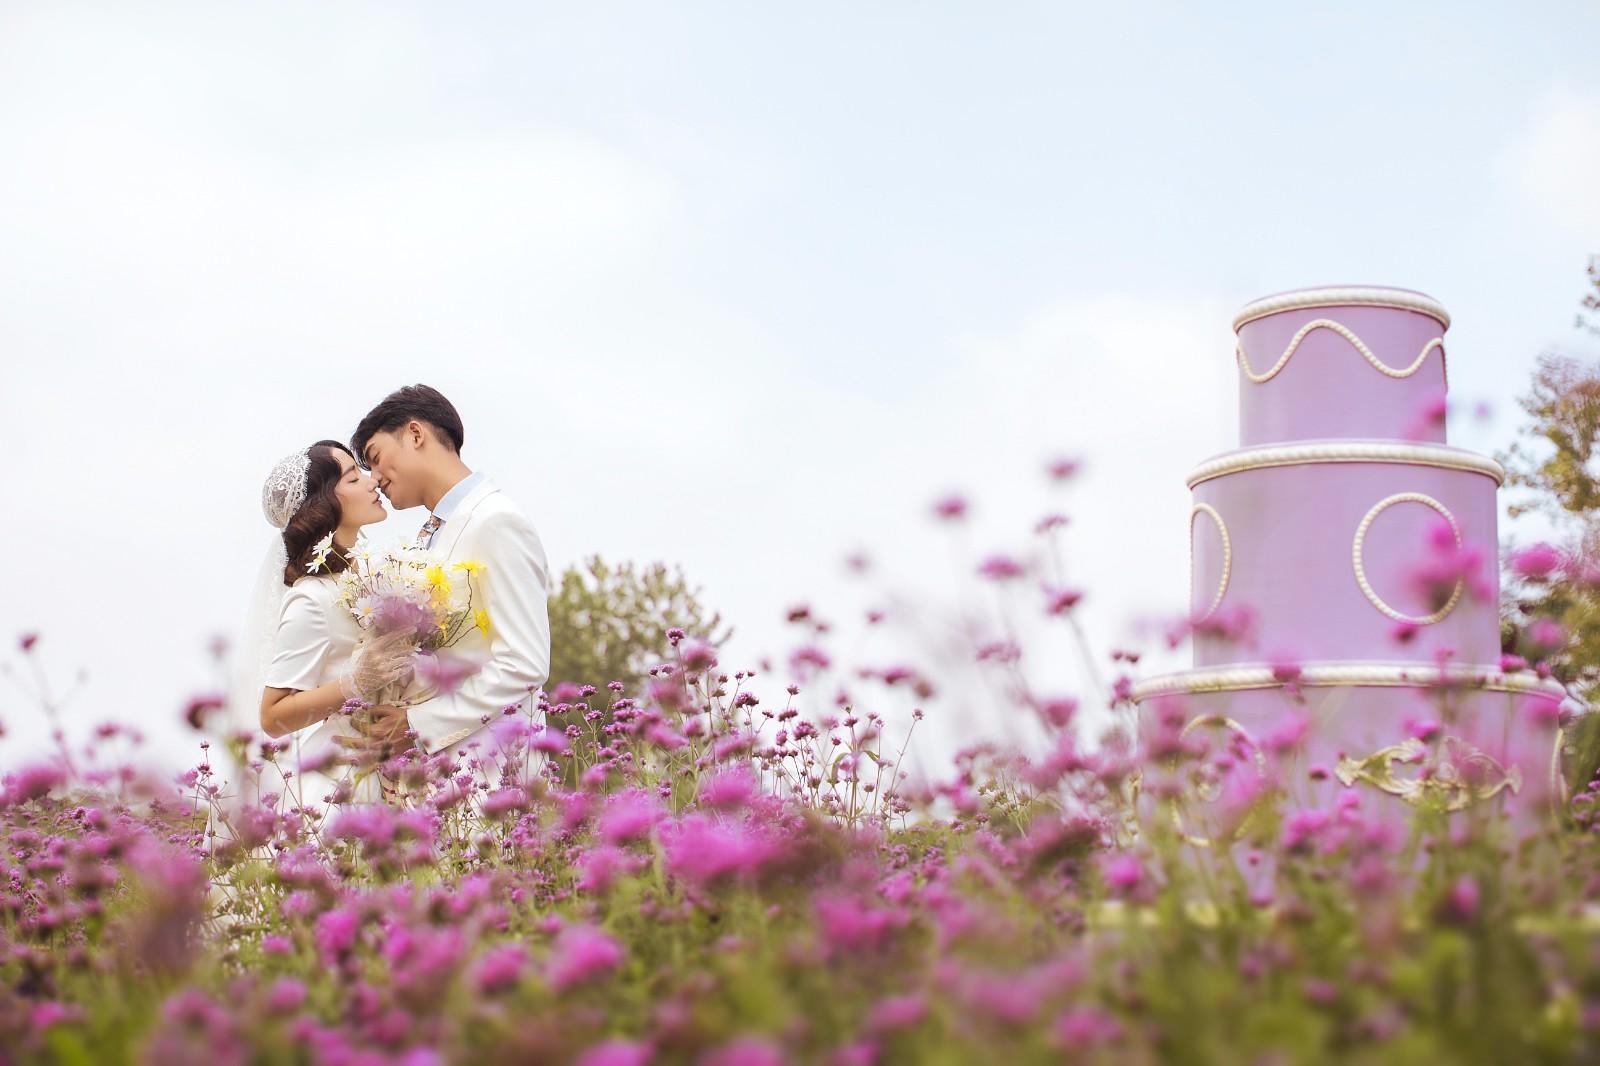 广州拍婚纱照攻略中有哪些是需要注意的?